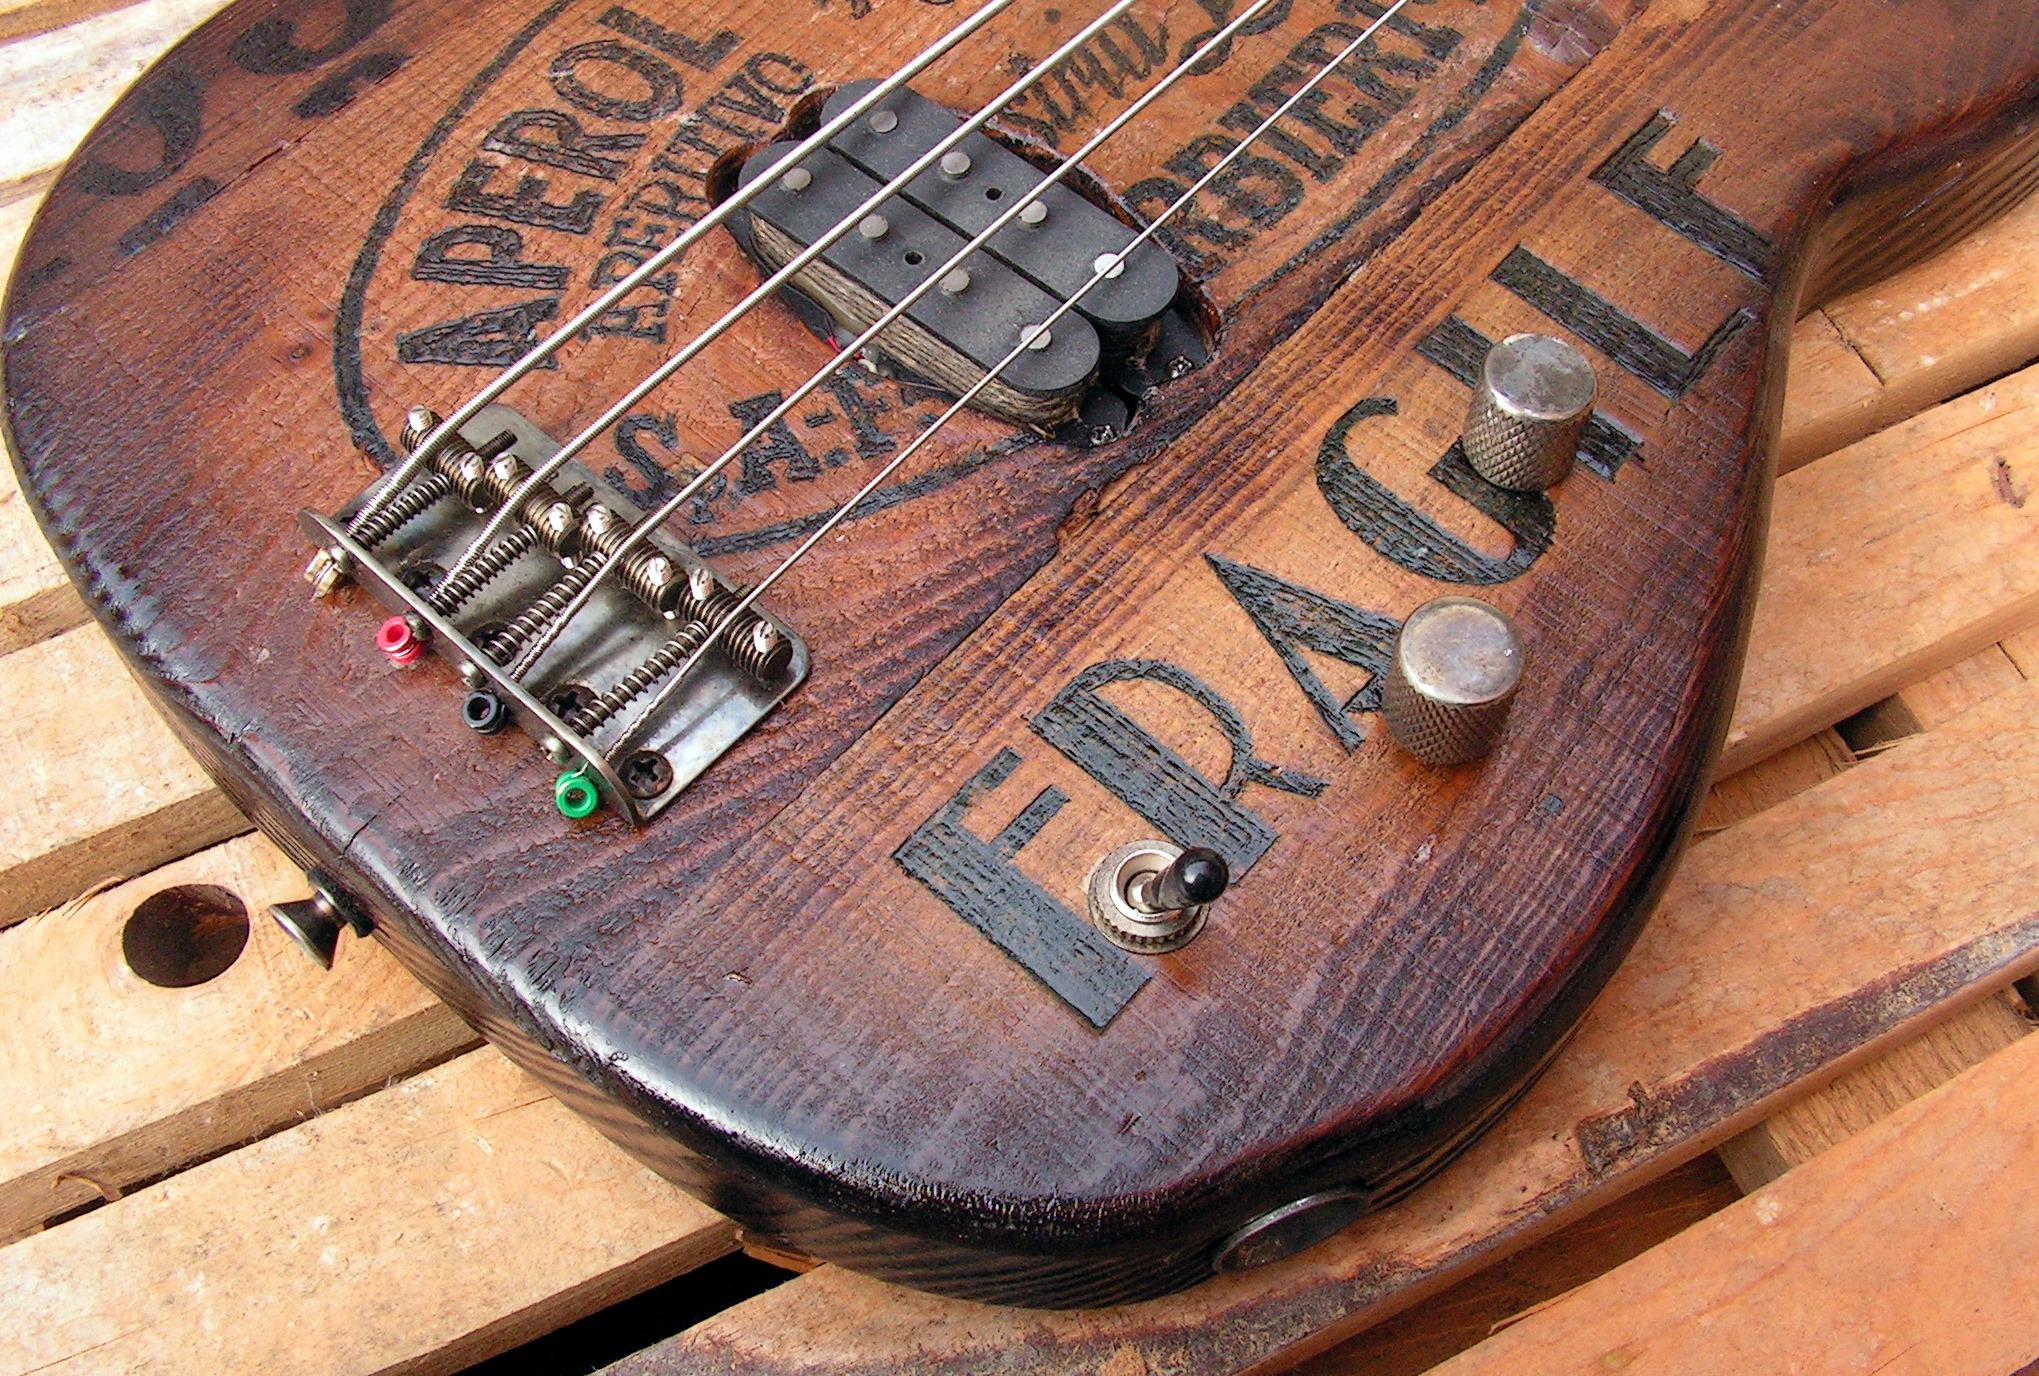 Ponte e pickup di un basso elettrico Precision con top ricavato da una cassetta di liquori